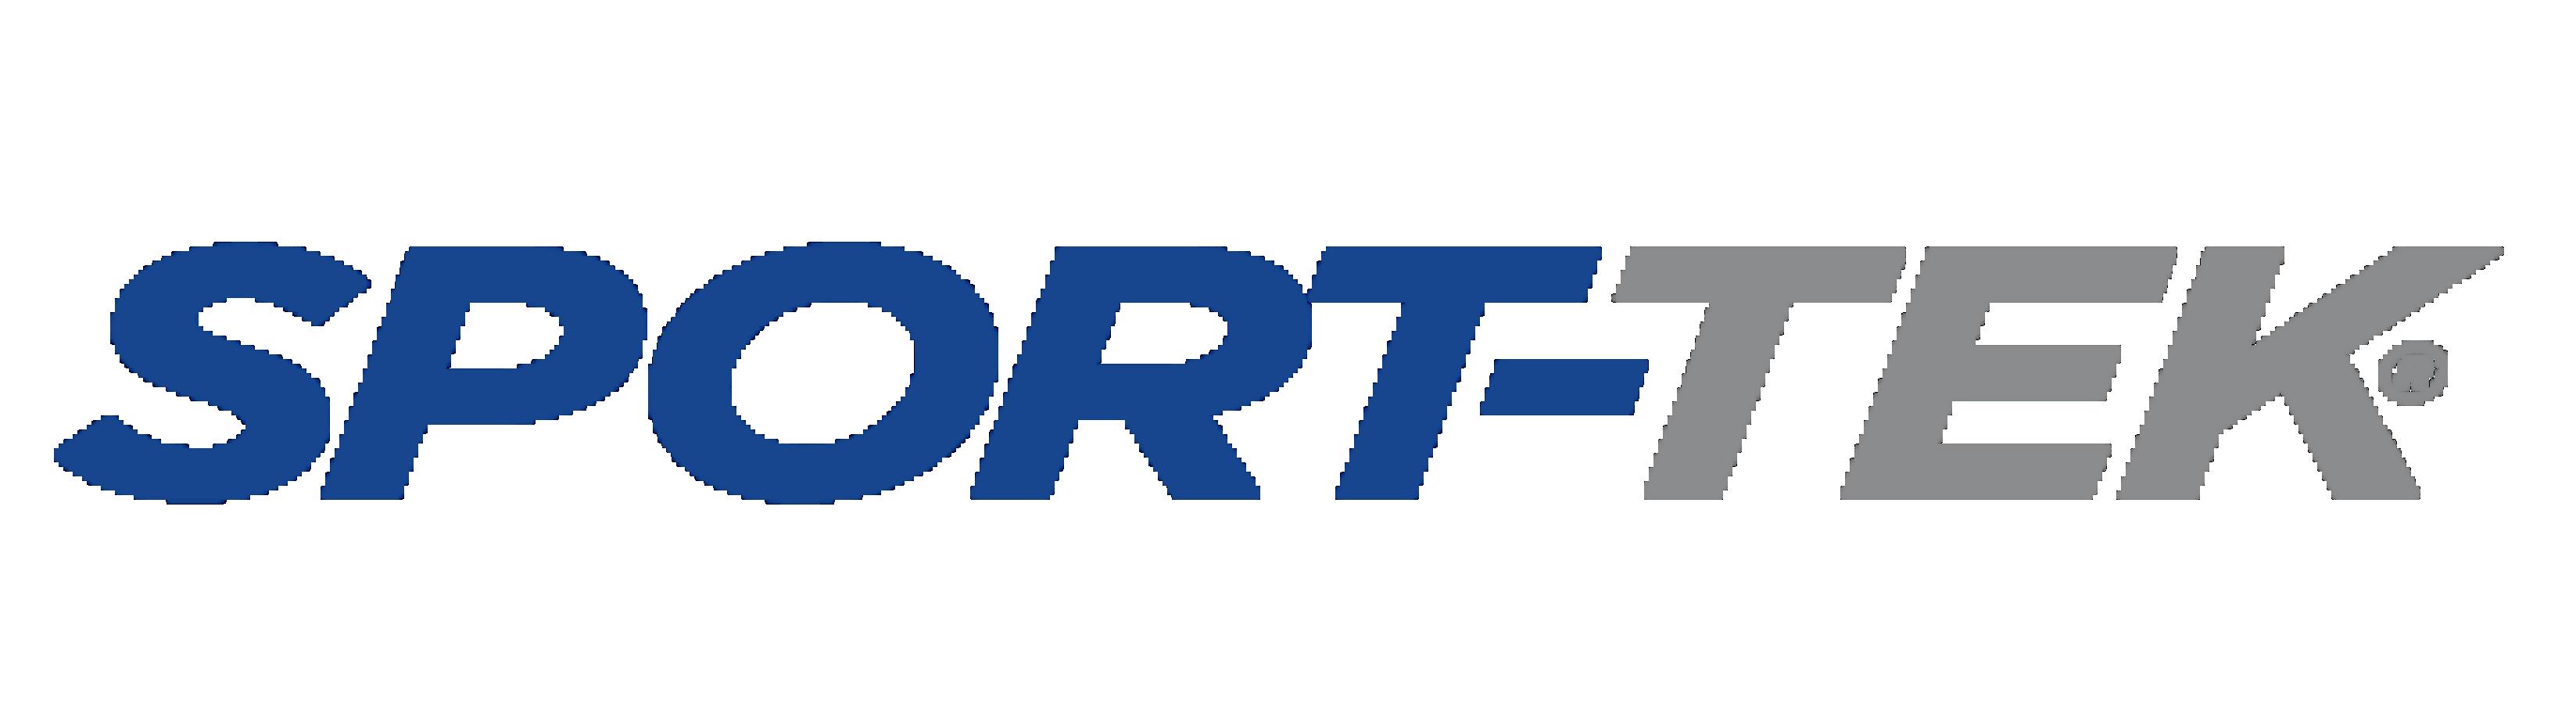 1Sport-Tek